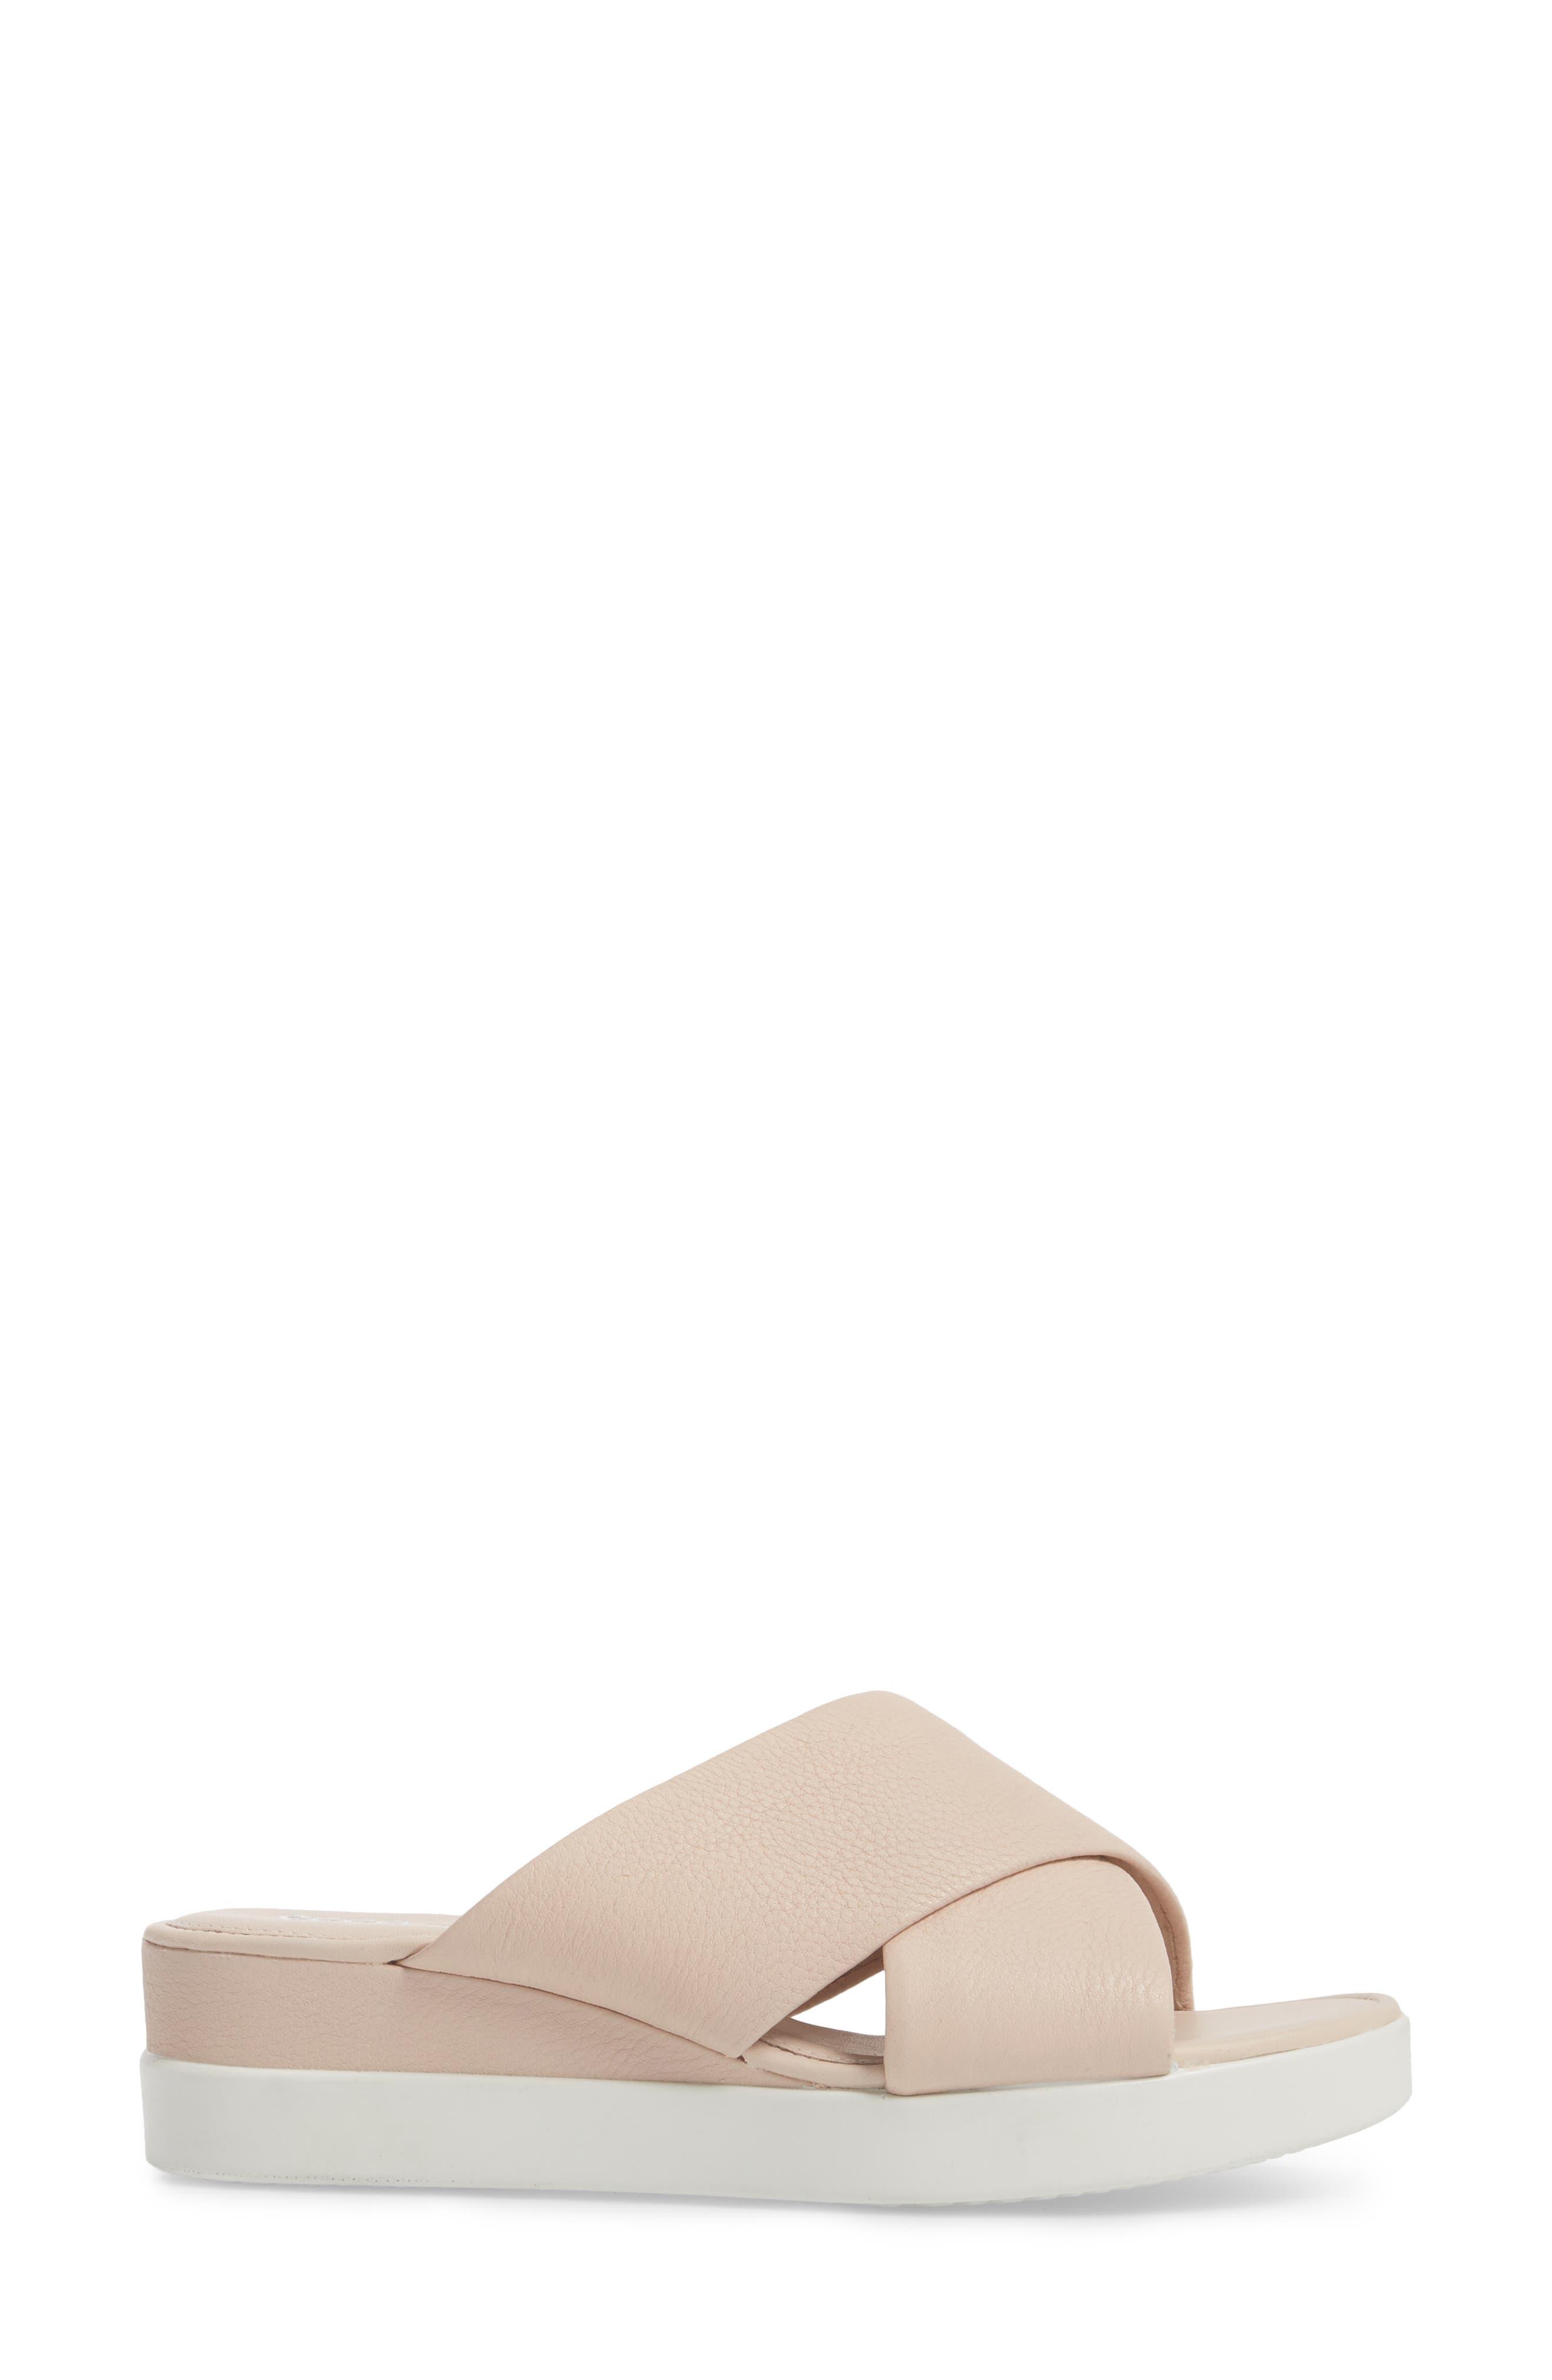 Touch Slide Sandal,                             Alternate thumbnail 3, color,                             Rose Dust Leather